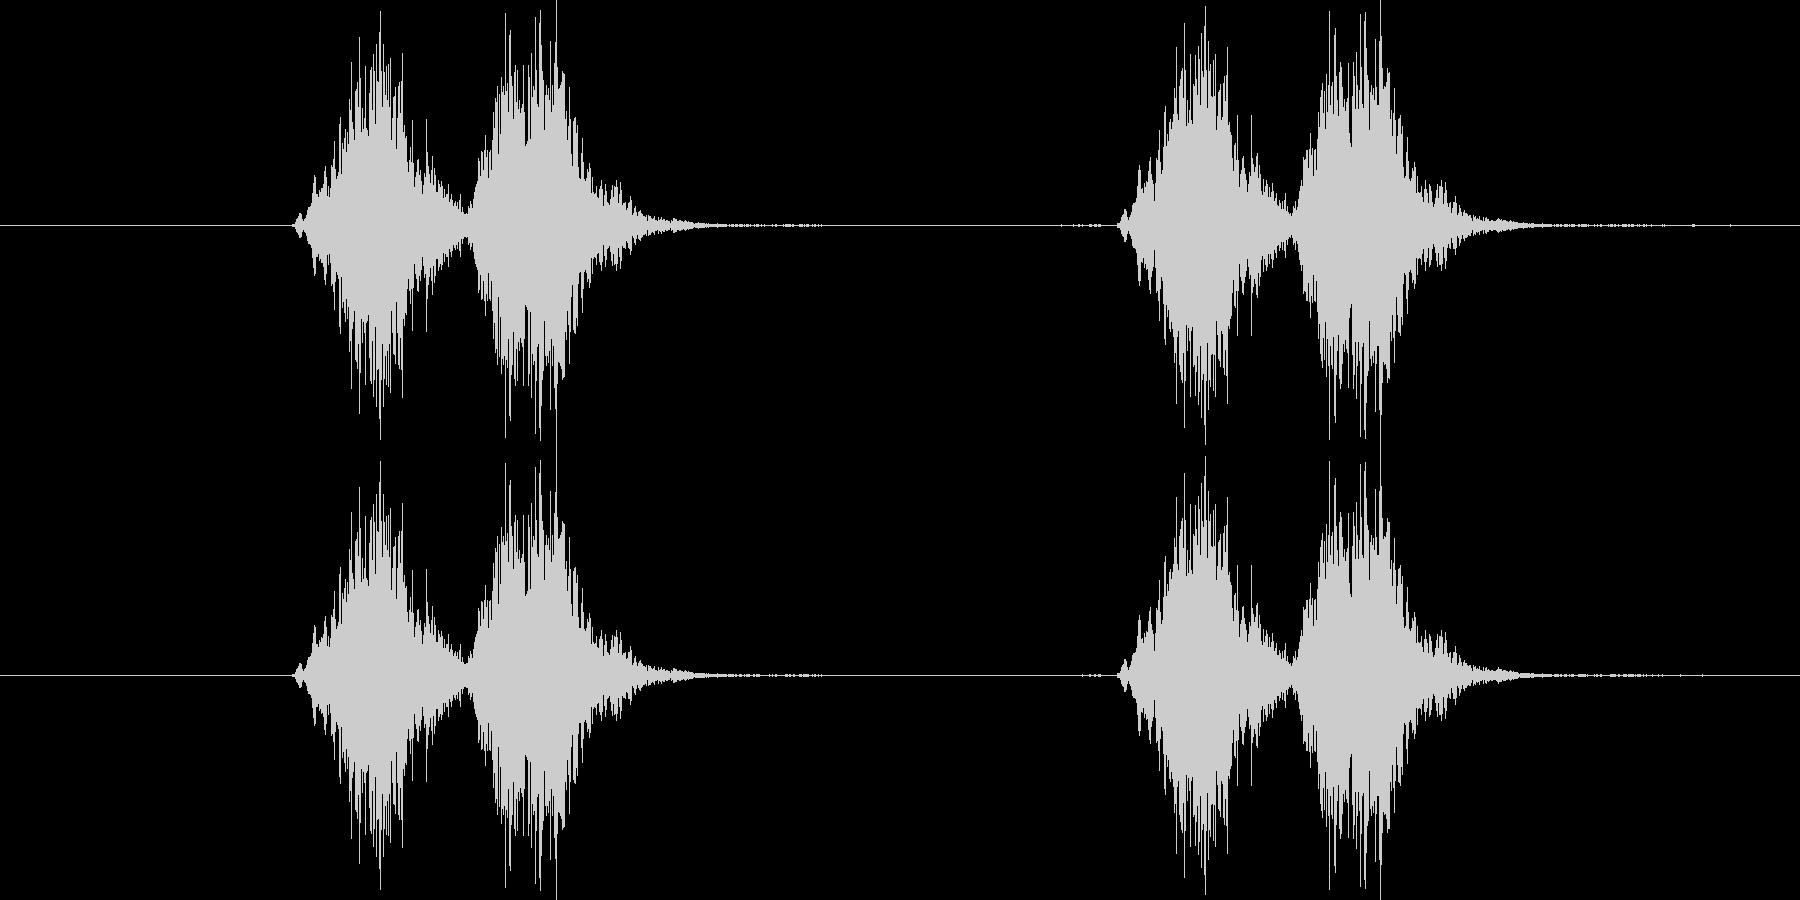 コザクラインコが呼応する鳴き声の音の未再生の波形